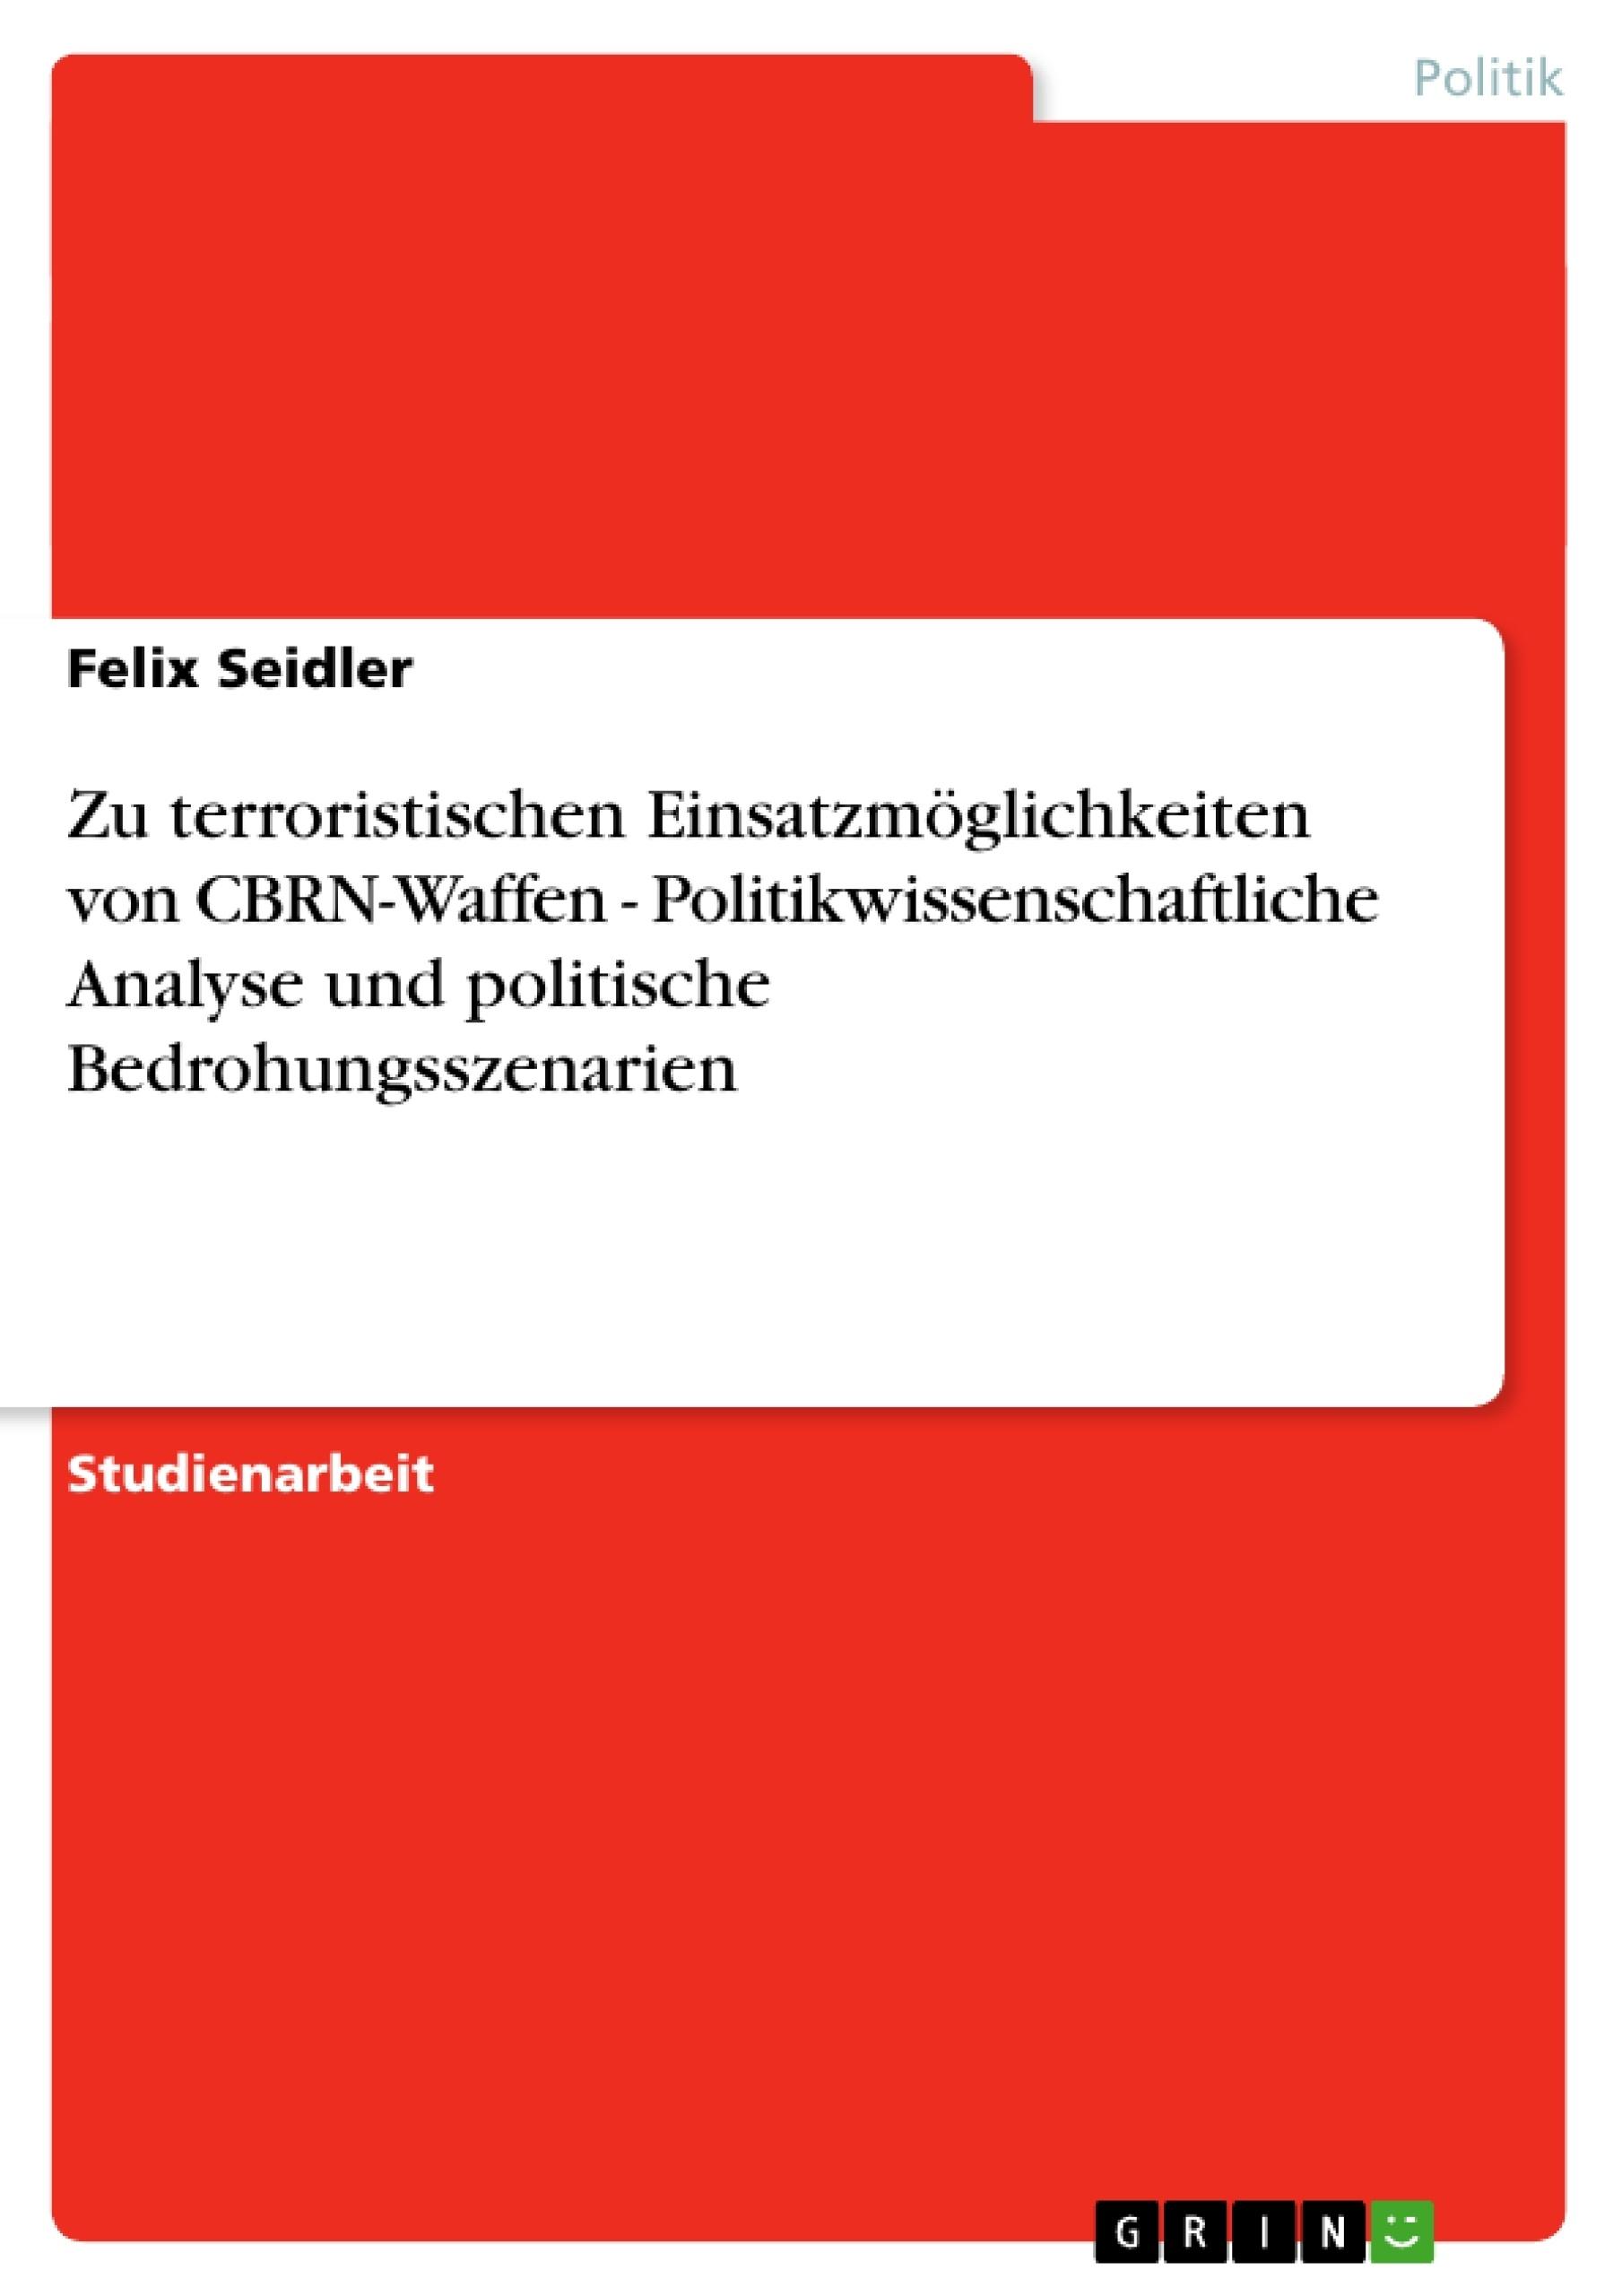 Titel: Zu terroristischen Einsatzmöglichkeiten von CBRN-Waffen - Politikwissenschaftliche Analyse und politische Bedrohungsszenarien